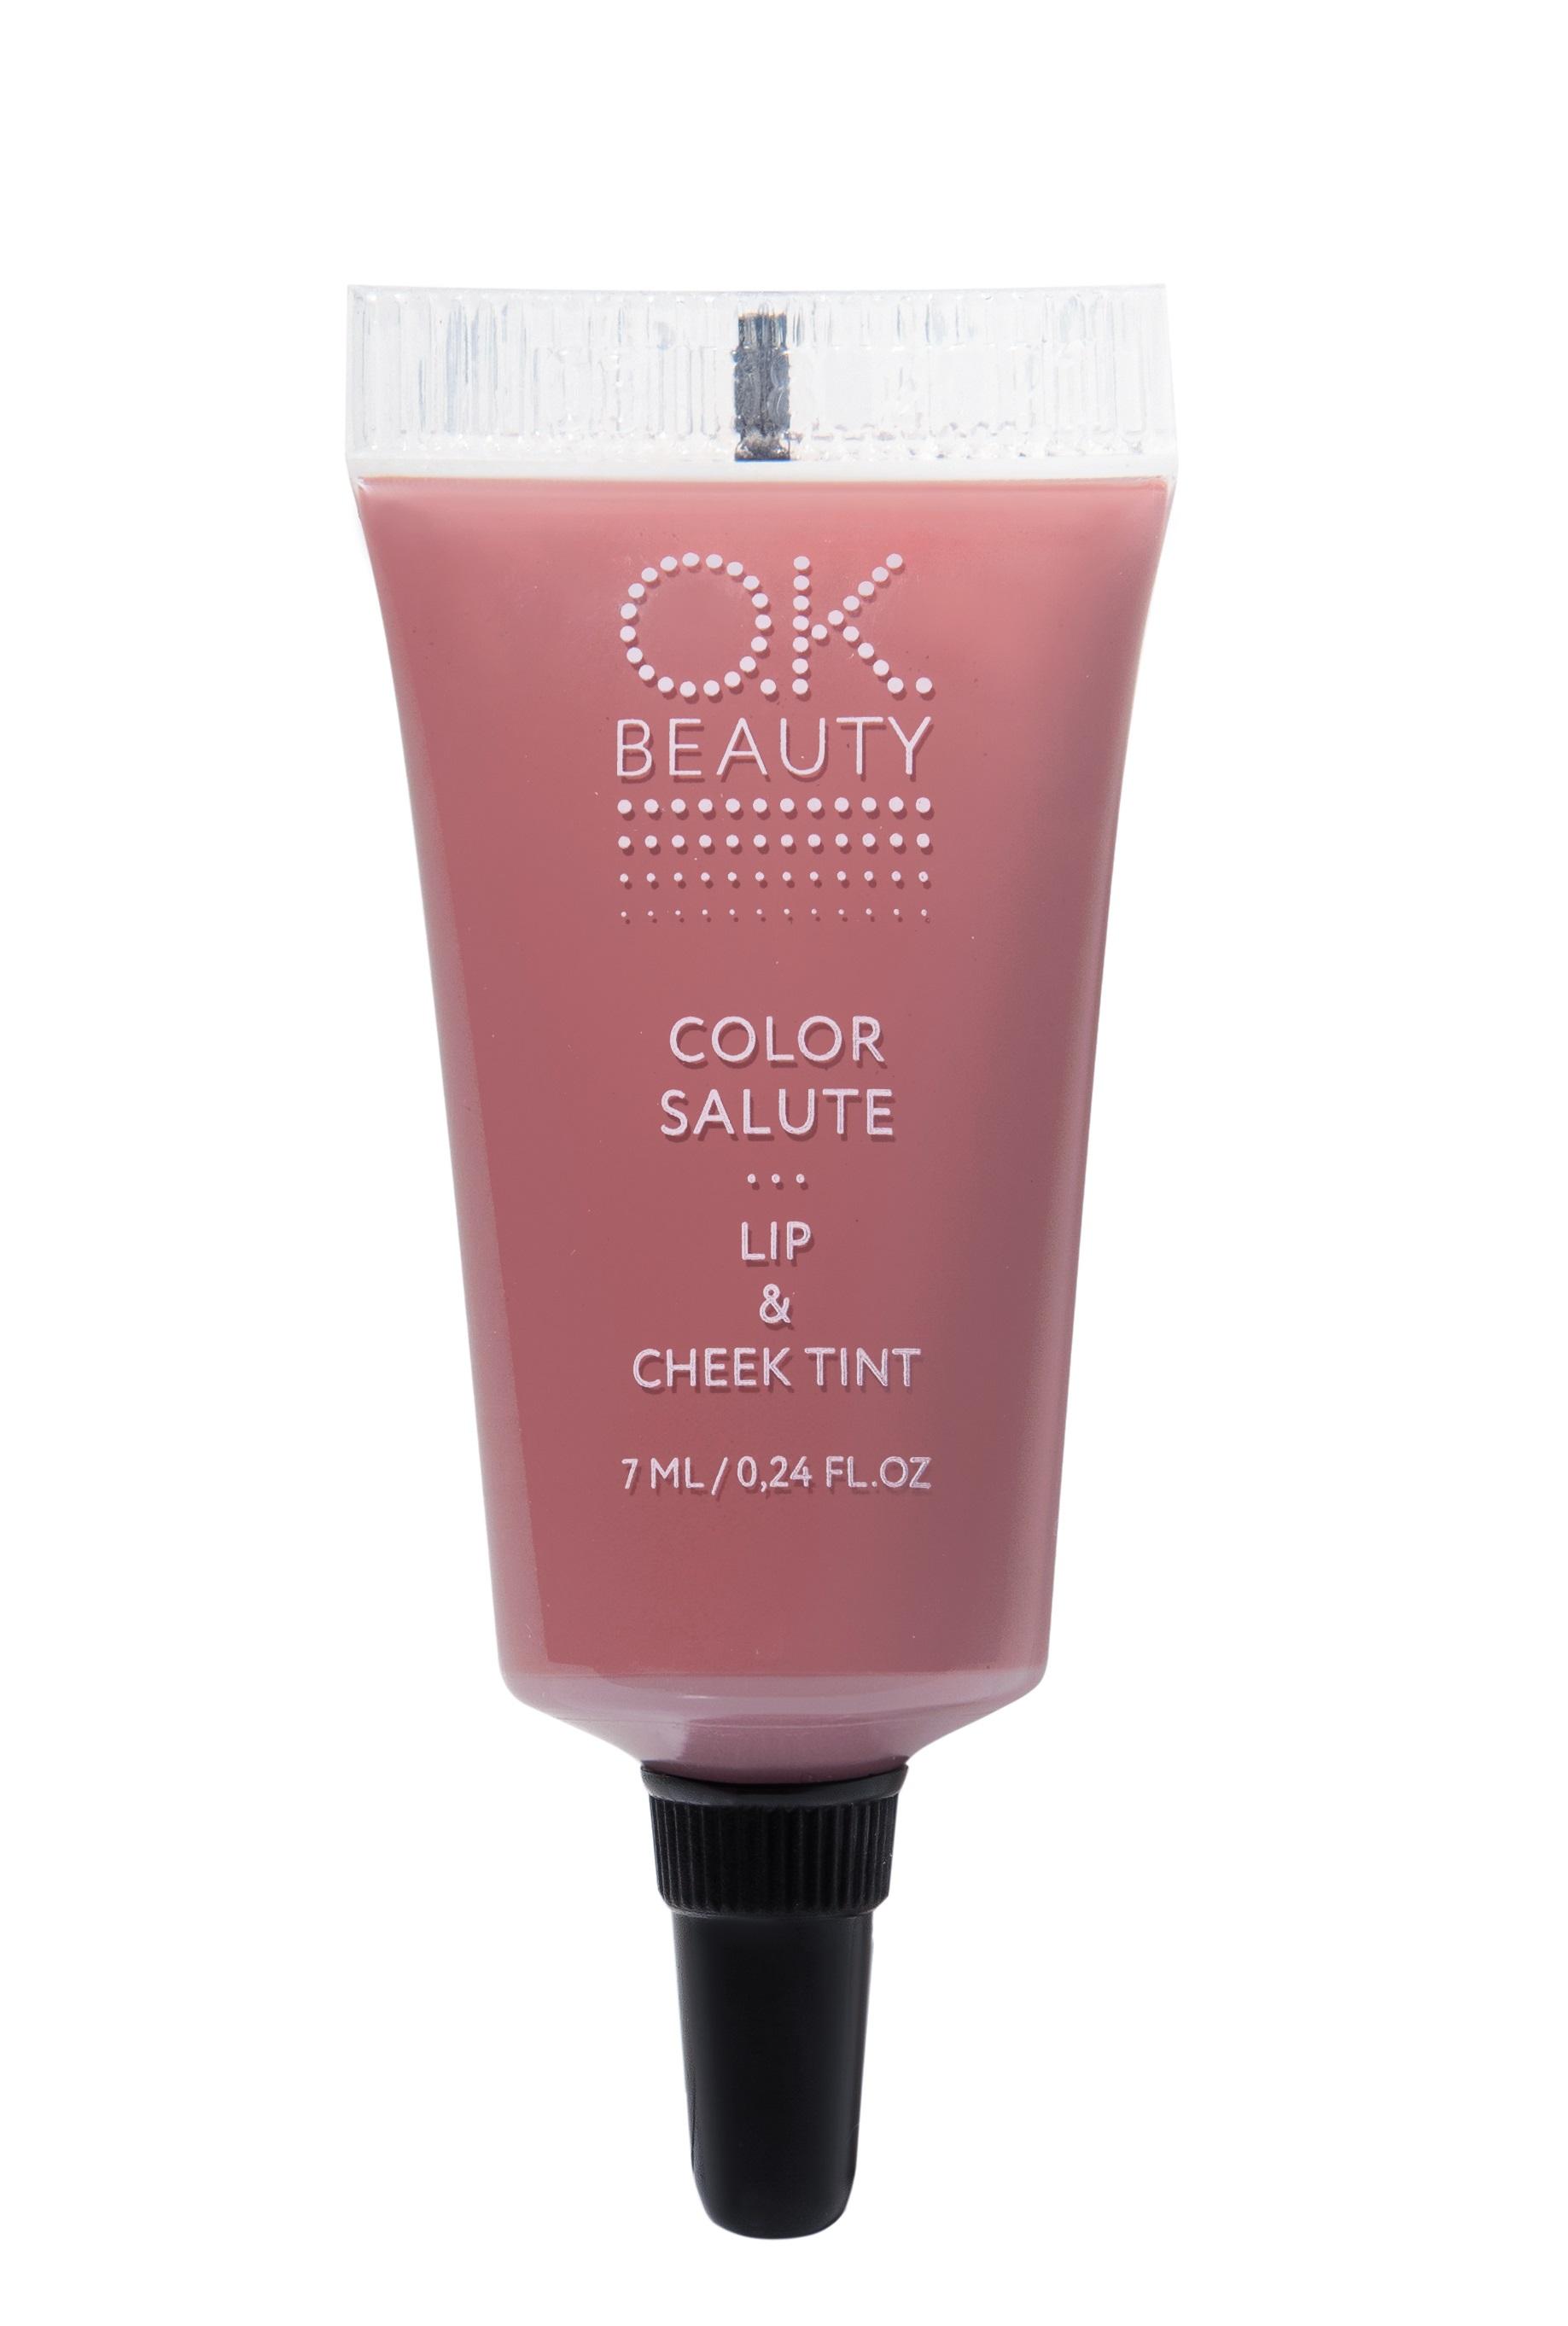 Купить OK BEAUTY Пигмент стойкий для губ и щек, Cocoa / COLOR SALUTE LIP & CHEEK TINT 7 мл